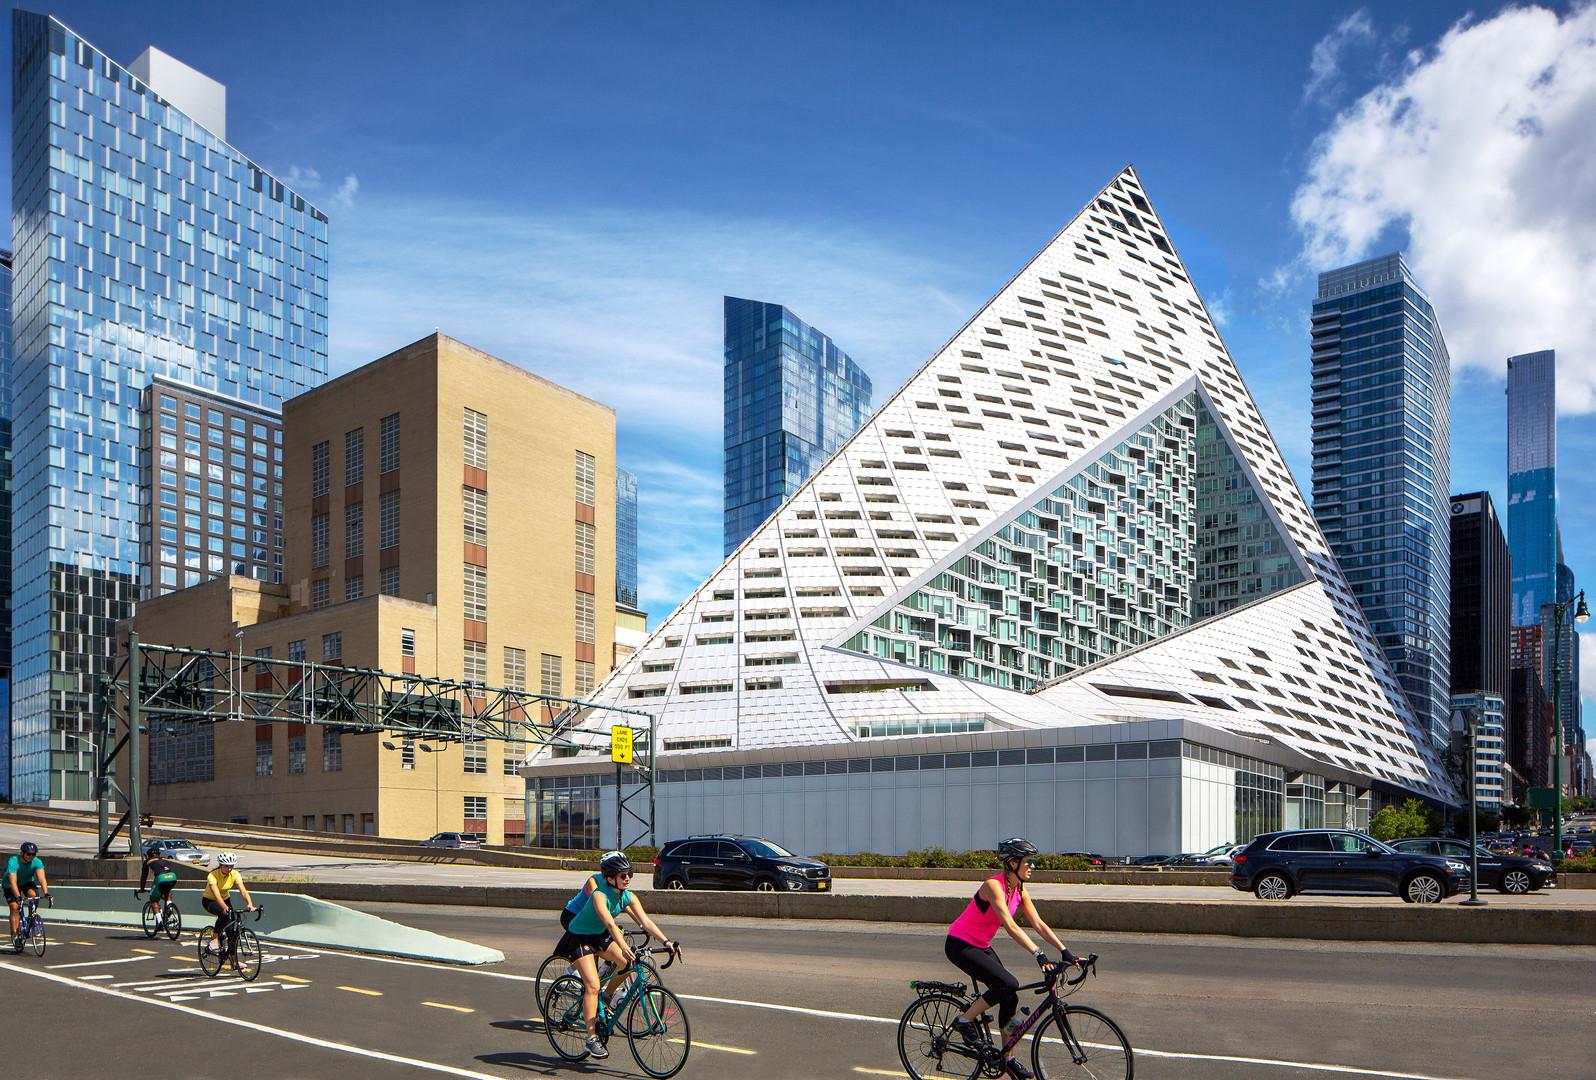 Via 57 West in Manhattan, NYC Architecture Photo